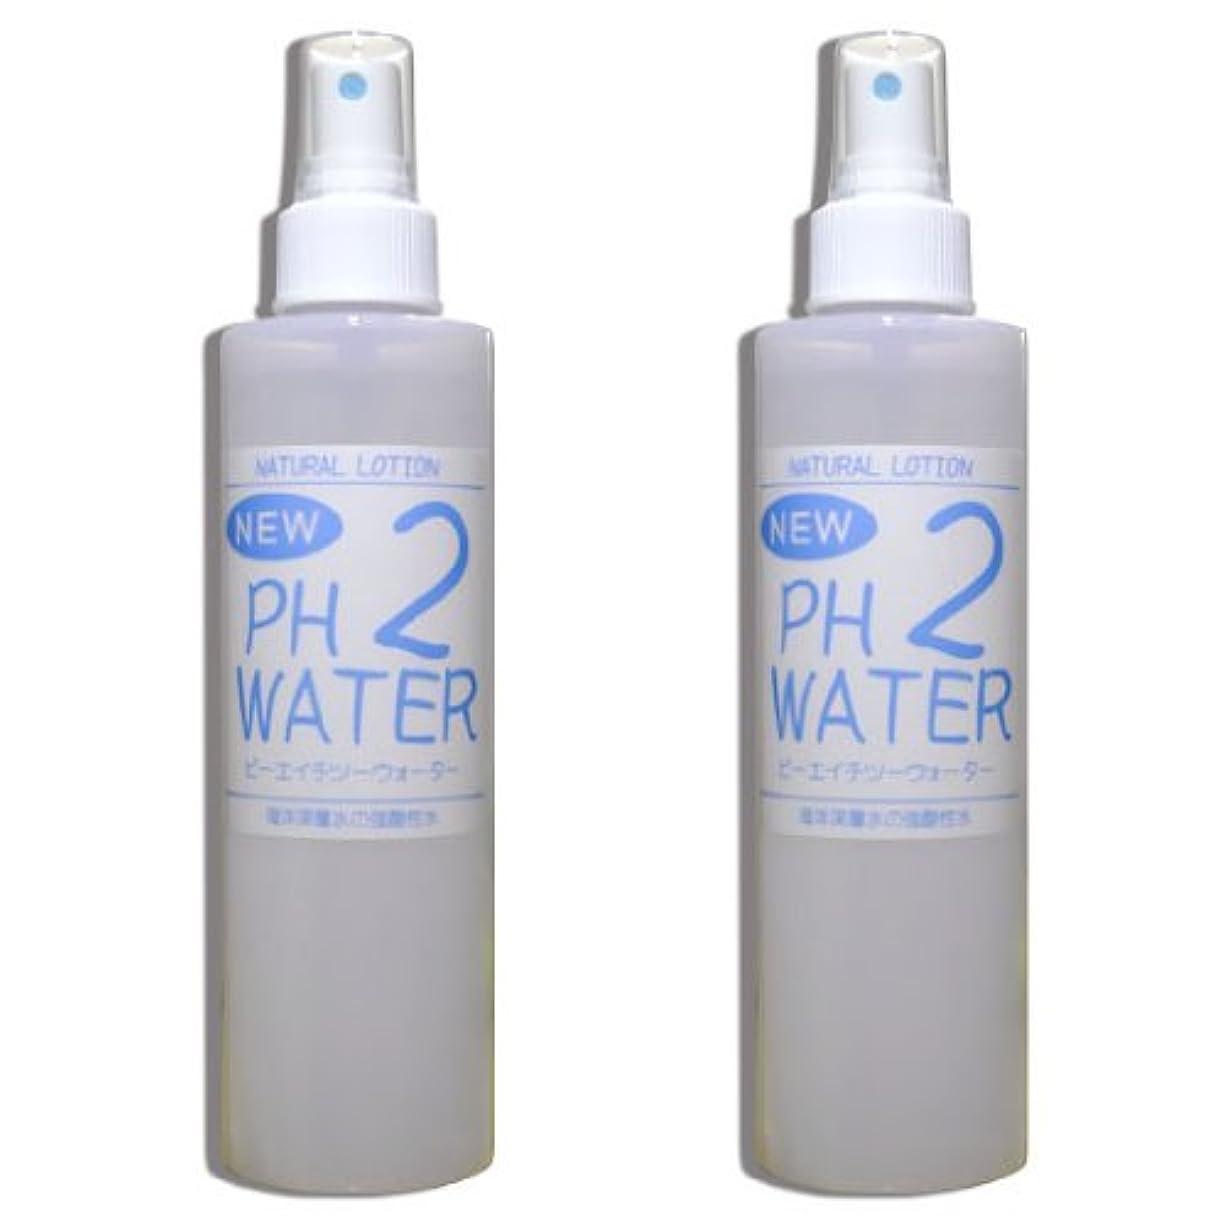 失う使い込む迅速強酸性水 NEW PH2ウォーター『200mlスプレー2本セット』